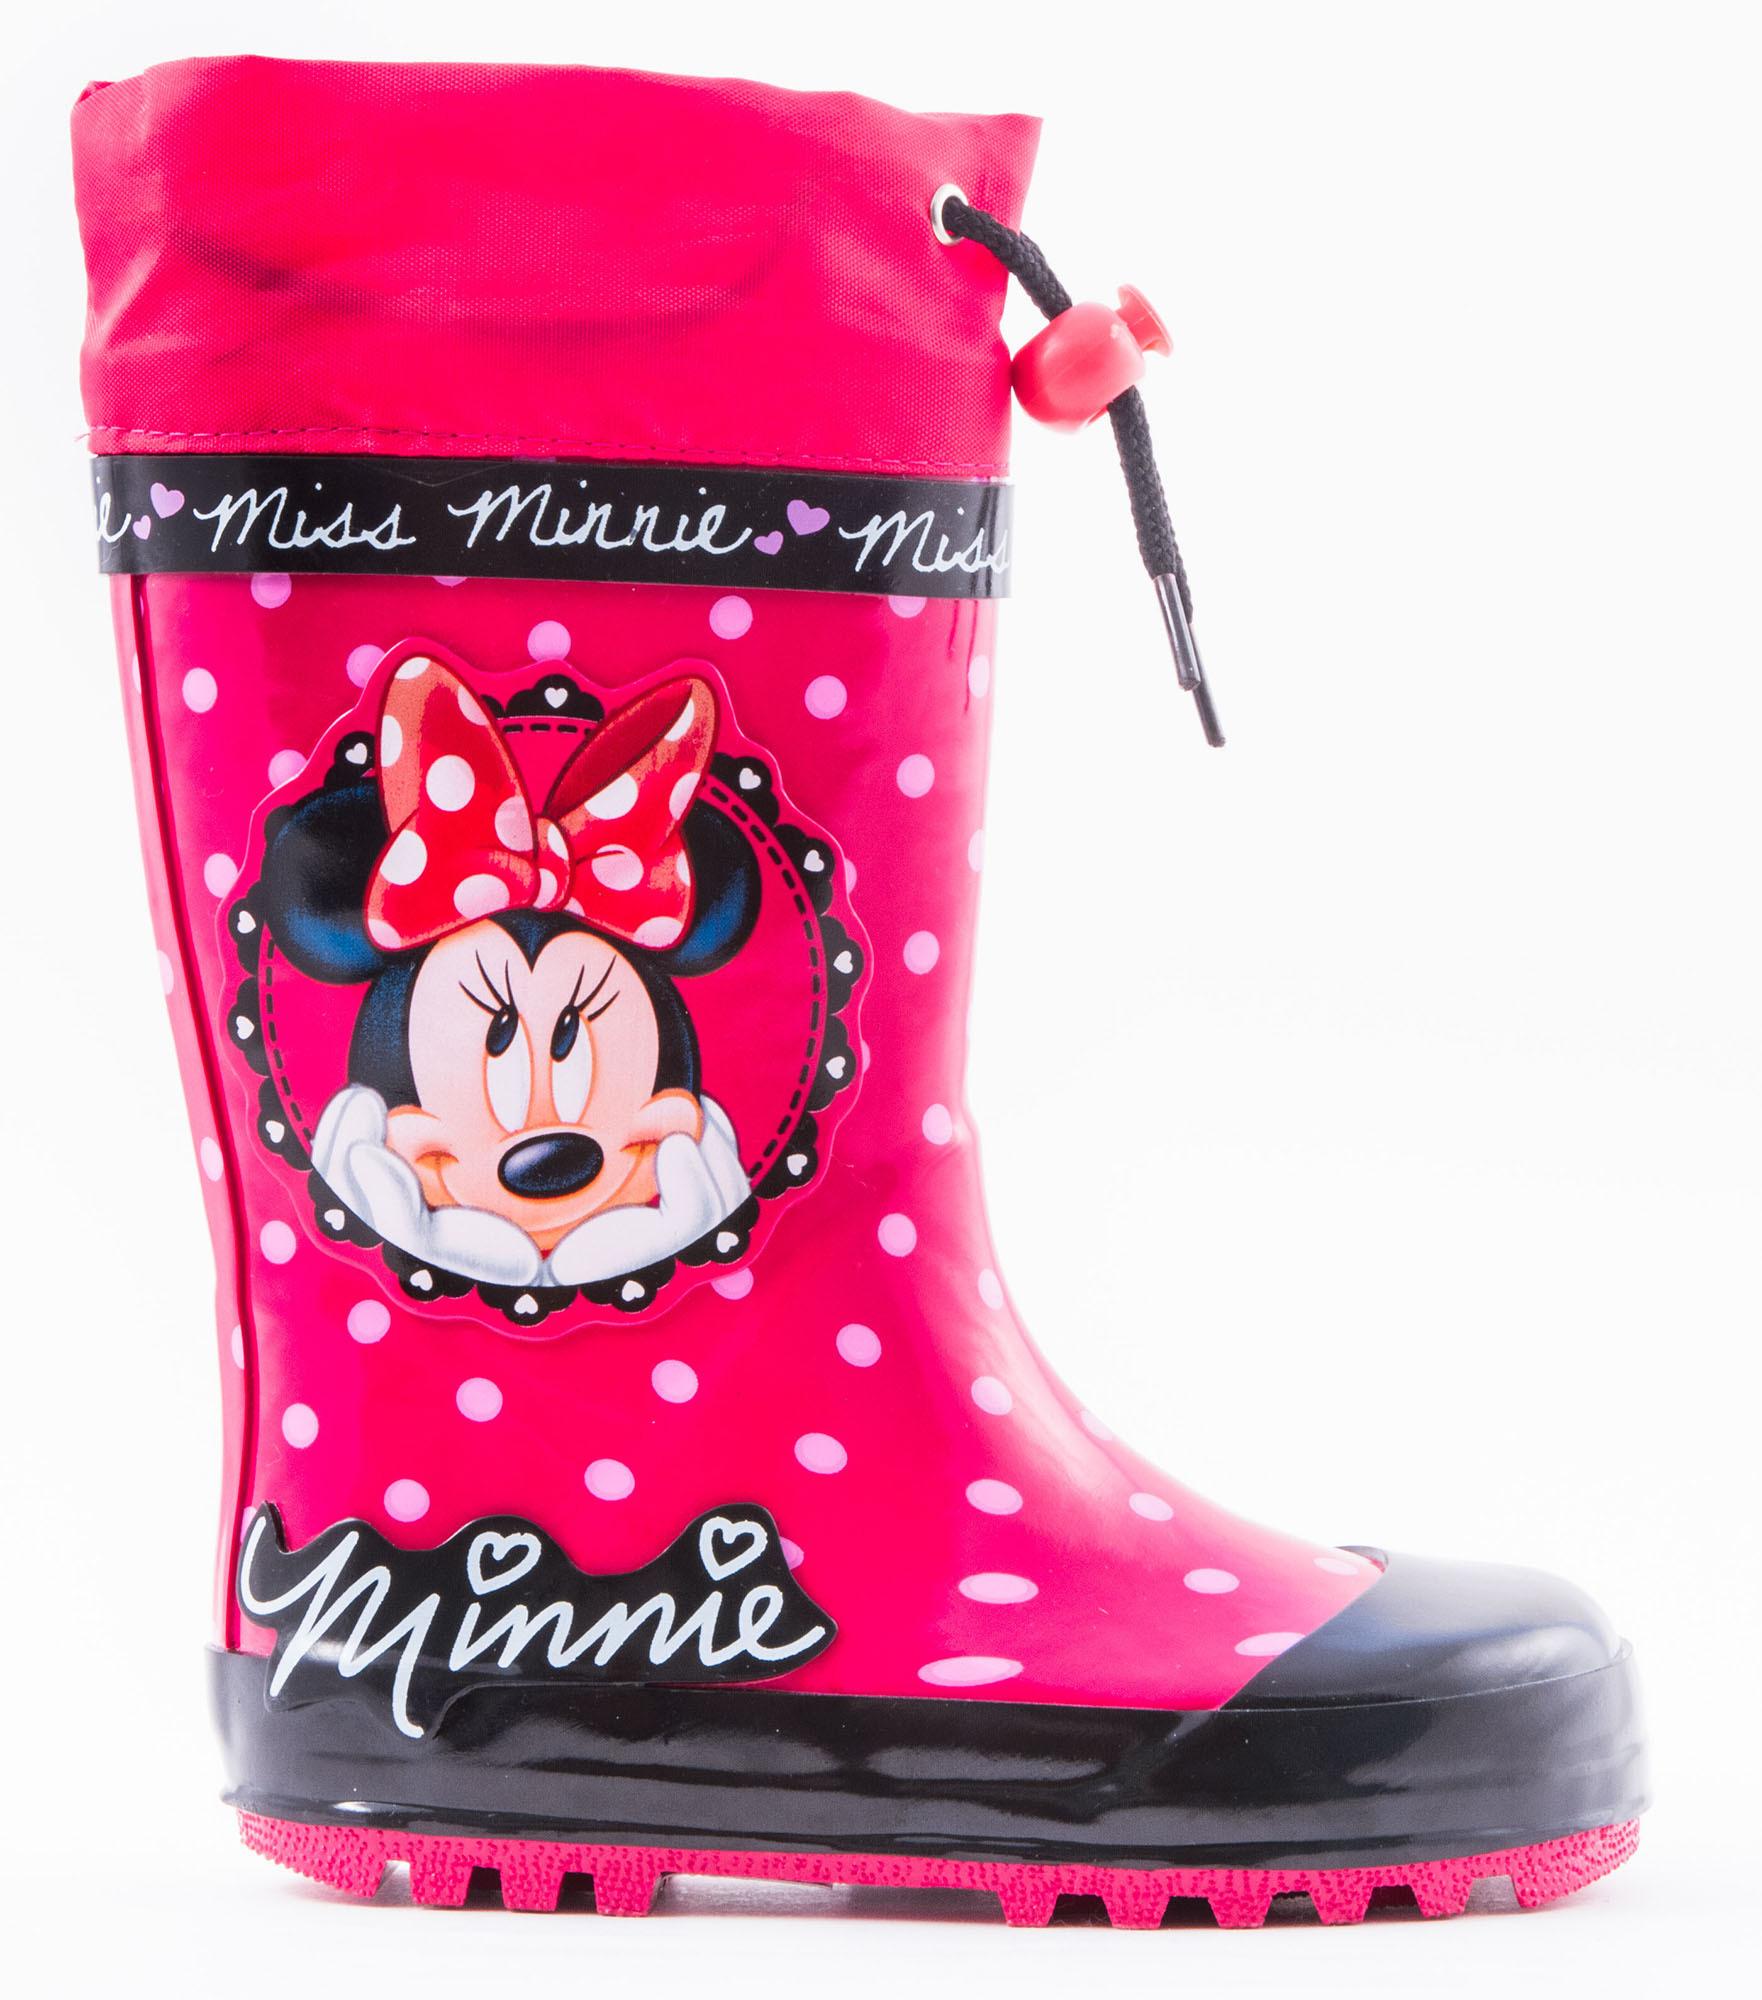 Резиновые сапоги Минни Маус (Minnie Mouse) утепленные для девочек, цвет красный